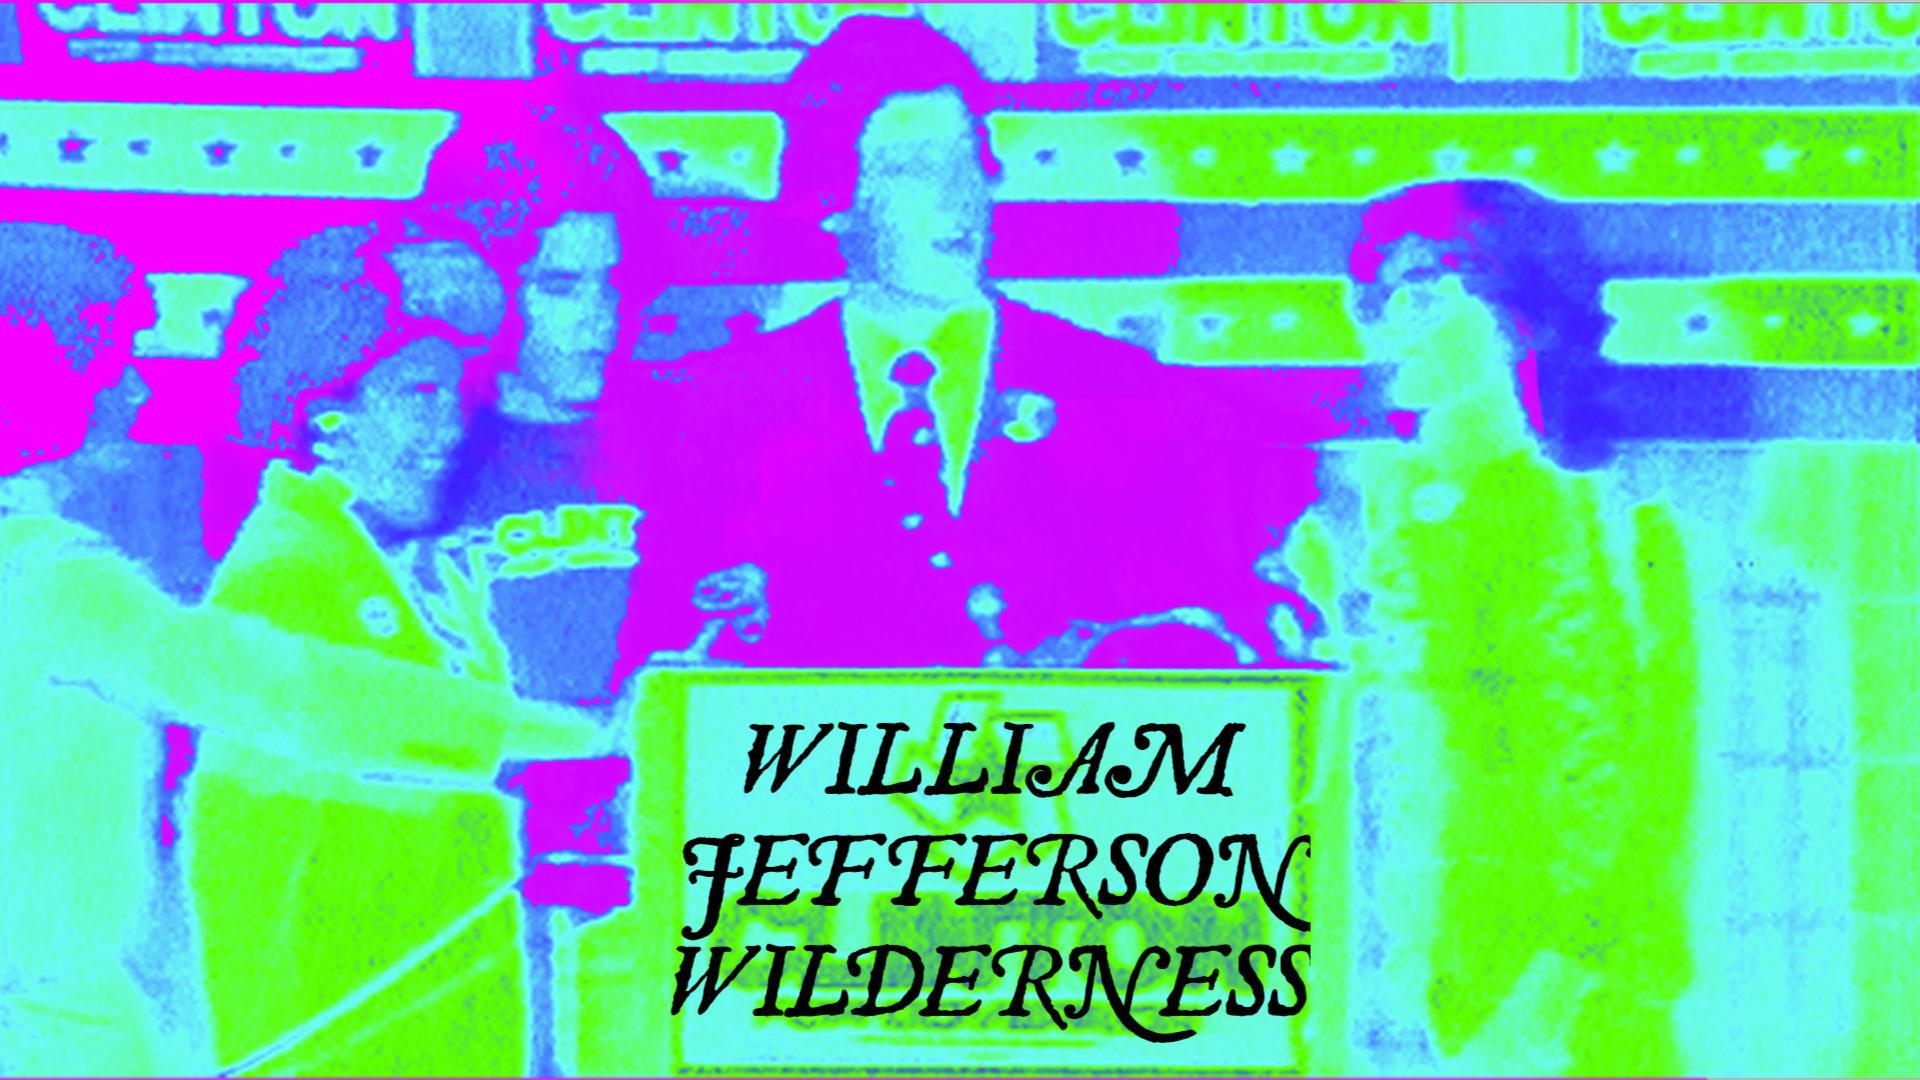 William Jefferson Wilderness